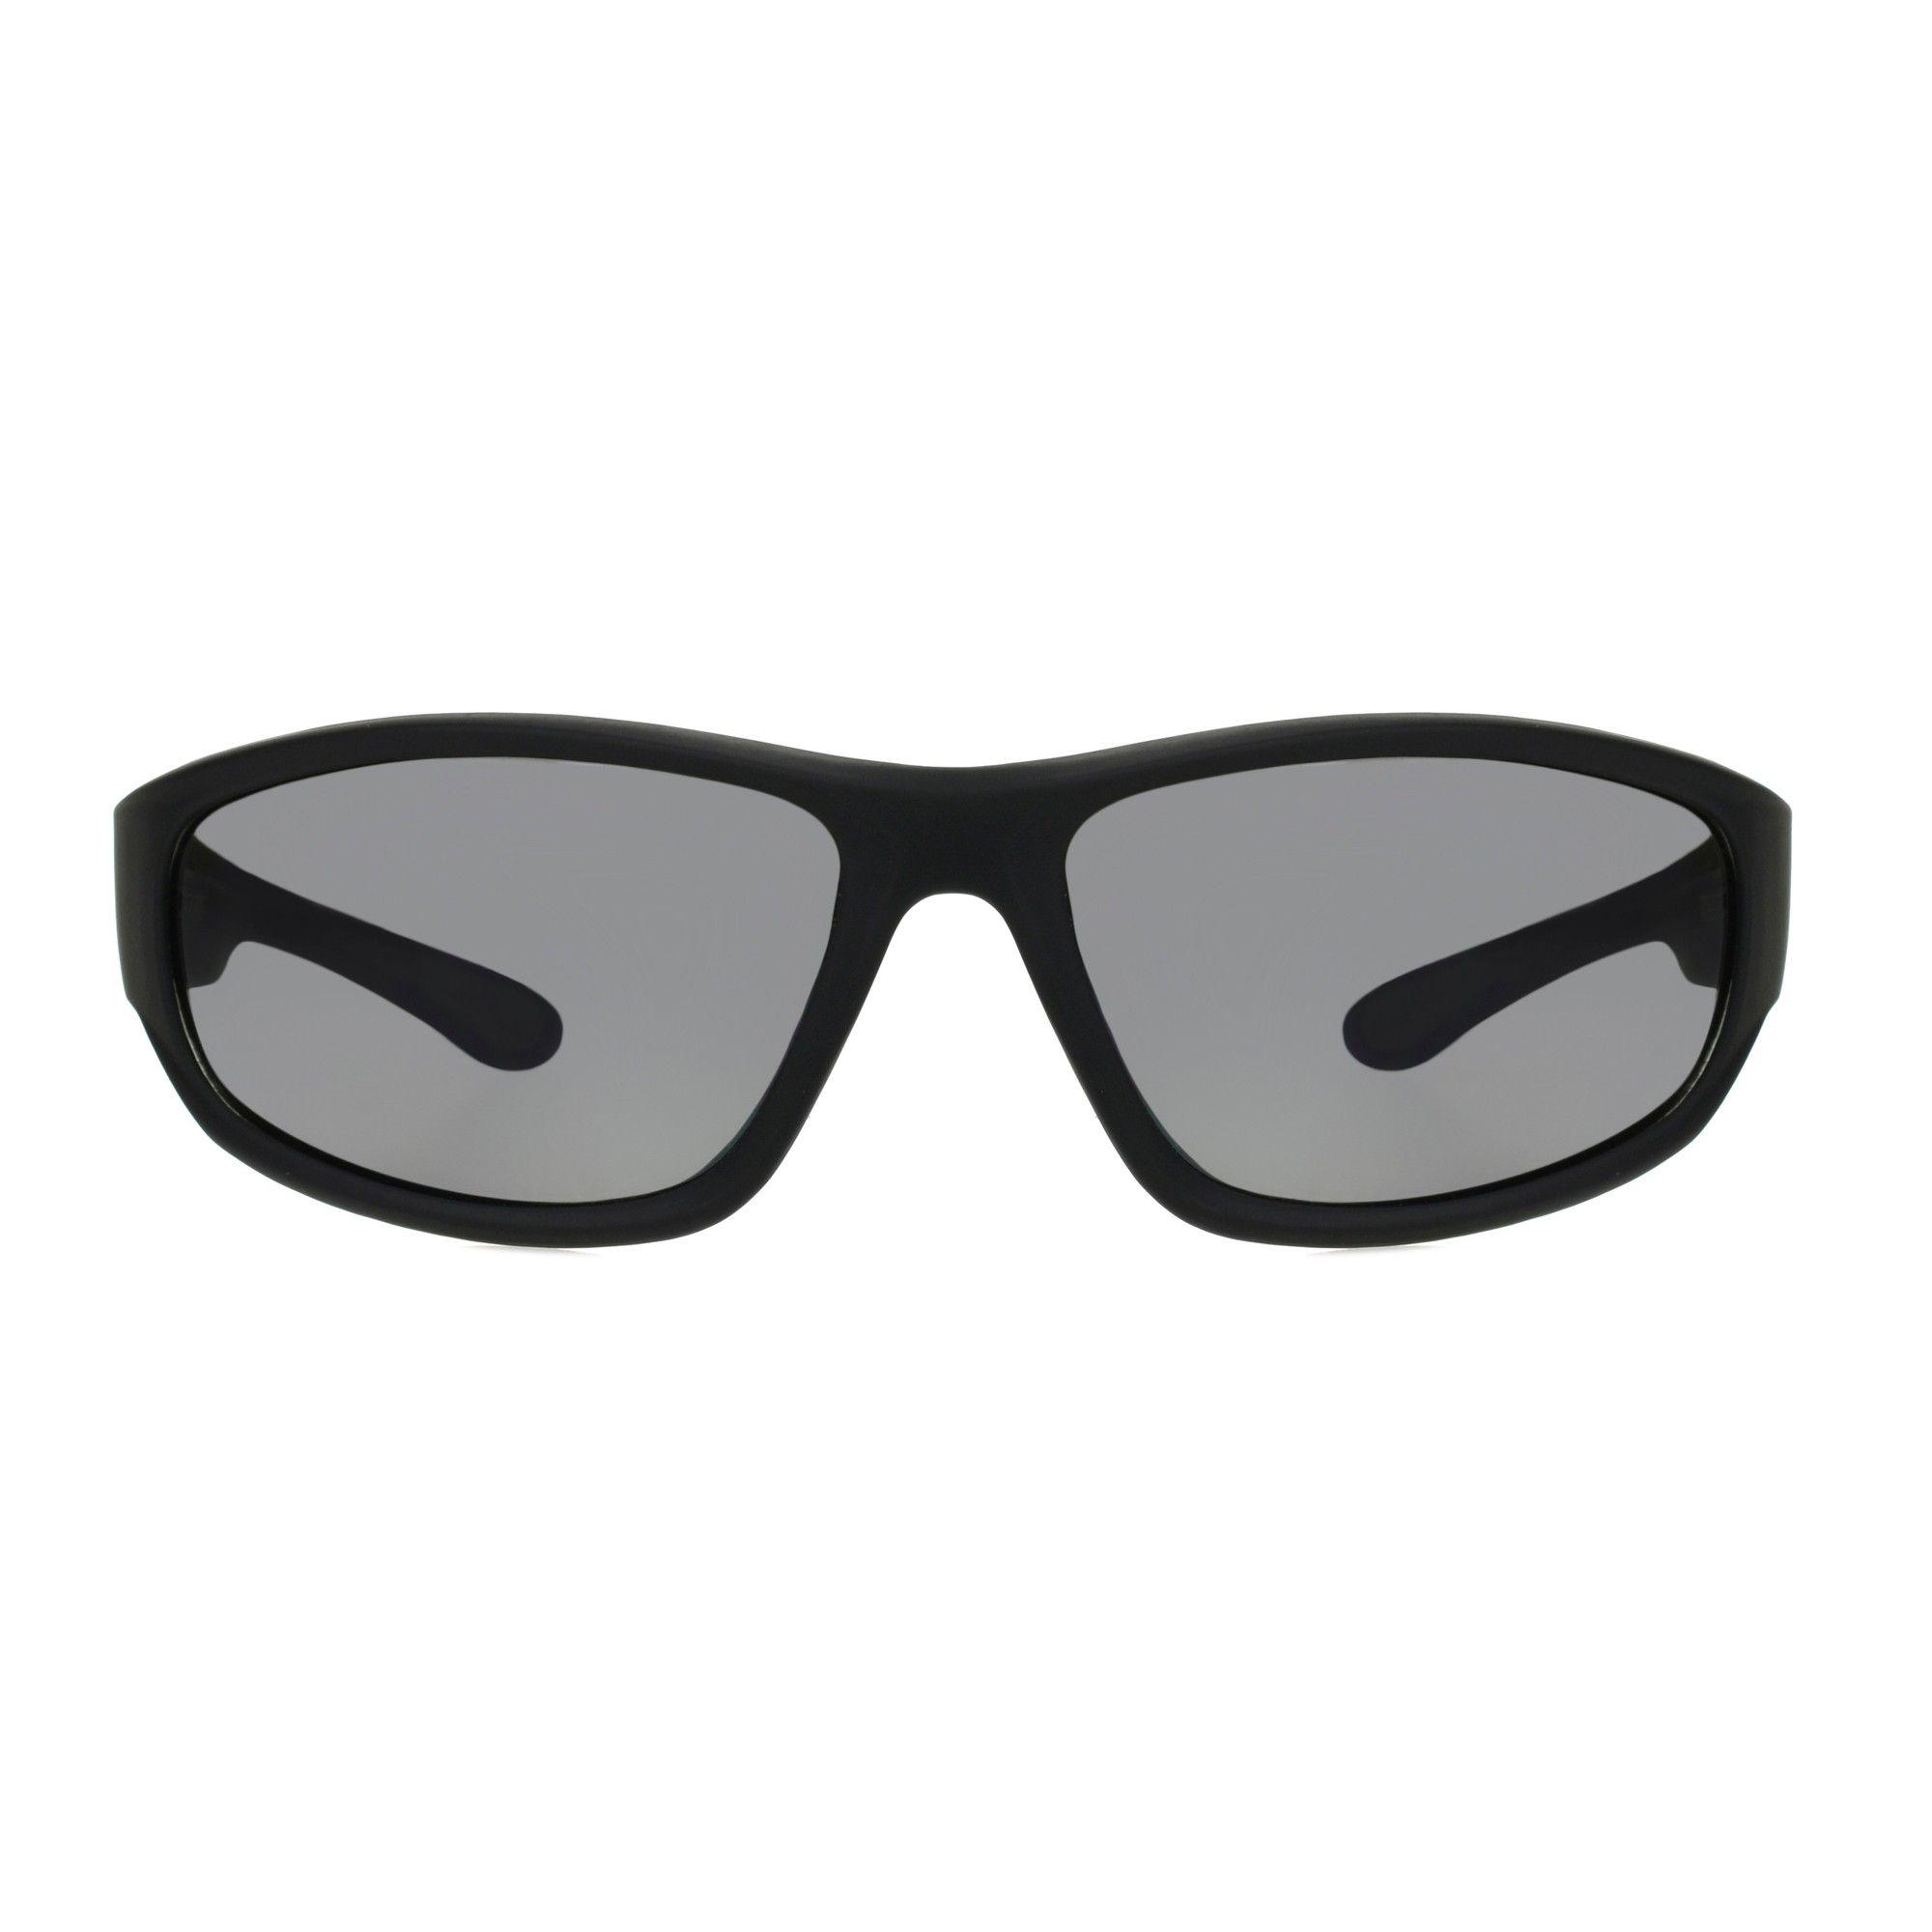 cb6a232f0f Foster Grant Men s Rectangle Sunglasses - Black in 2019